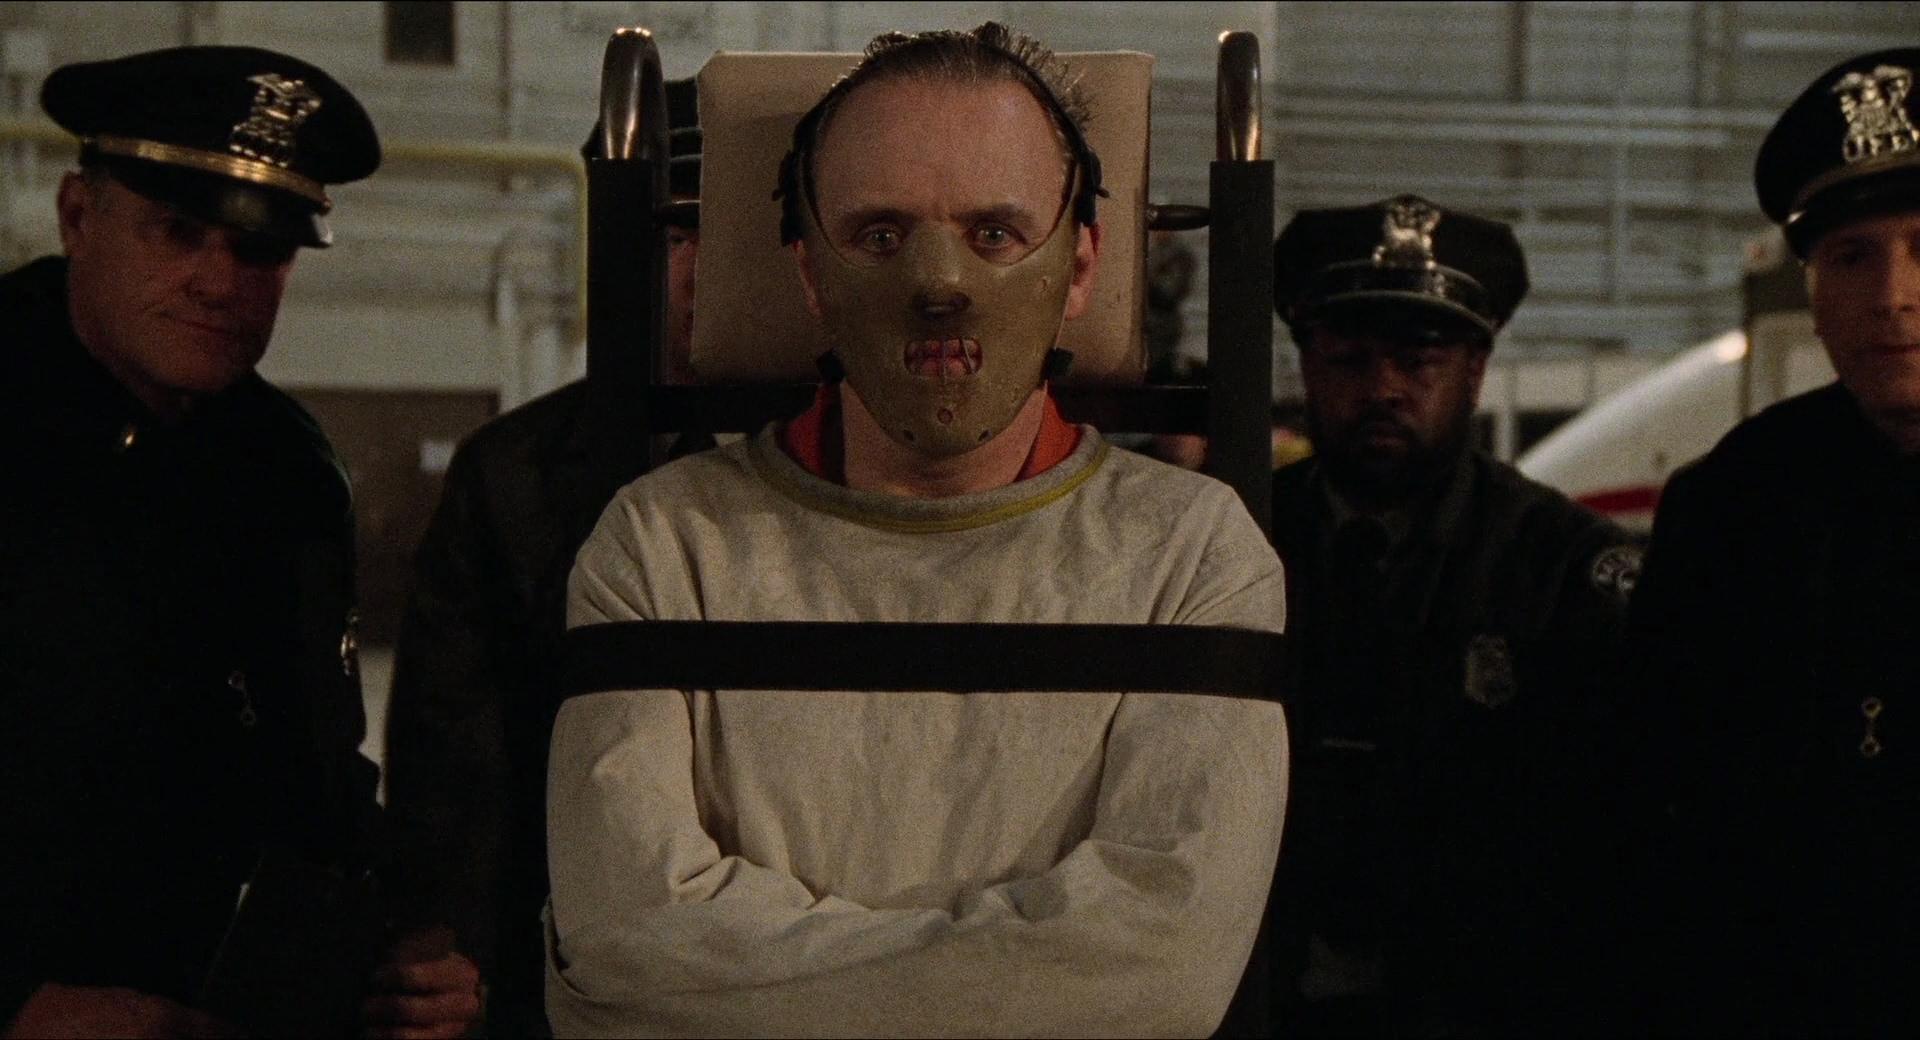 Cena do filme O Silêncio dos Inocentes. O personagem de Anthony Hopkins está no centro da imagem, preso em uma camisa de força. Ele está de pé, num carrinho, e usa uma máscada de couro do nariz para baixo. Seu olhar é vidrado, sem expressões. Ao seu redor, vemos três policiais desfocados.